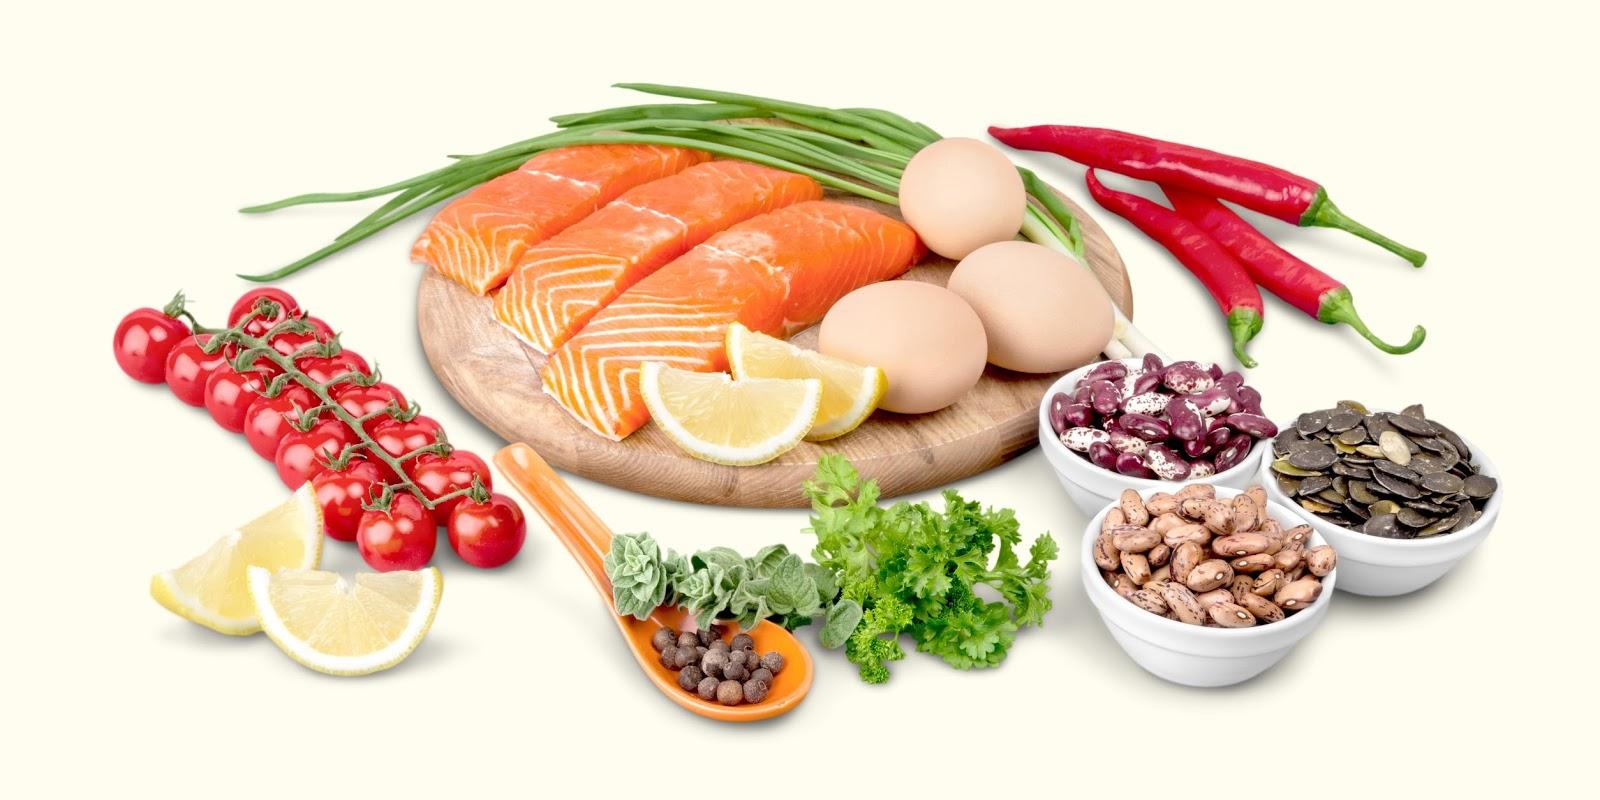 healthy+food.jpg (1600800)